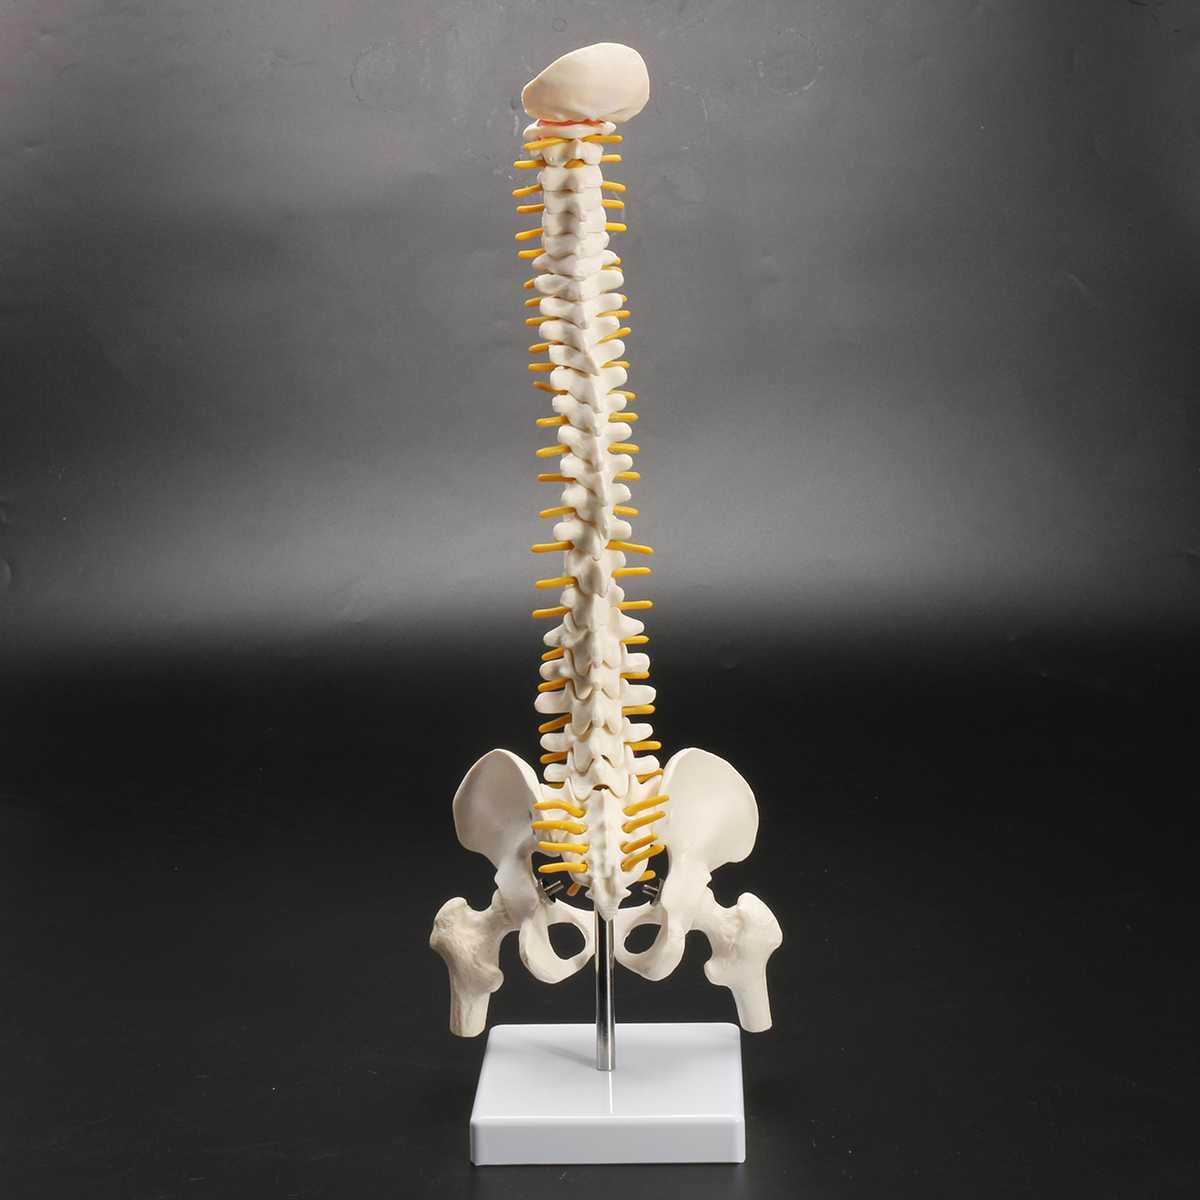 45 cm columna vertebral humana con un modelo pélvico anatómicos humanos anatomía columna modelo médico columna vertebral modelo + soporte flexible